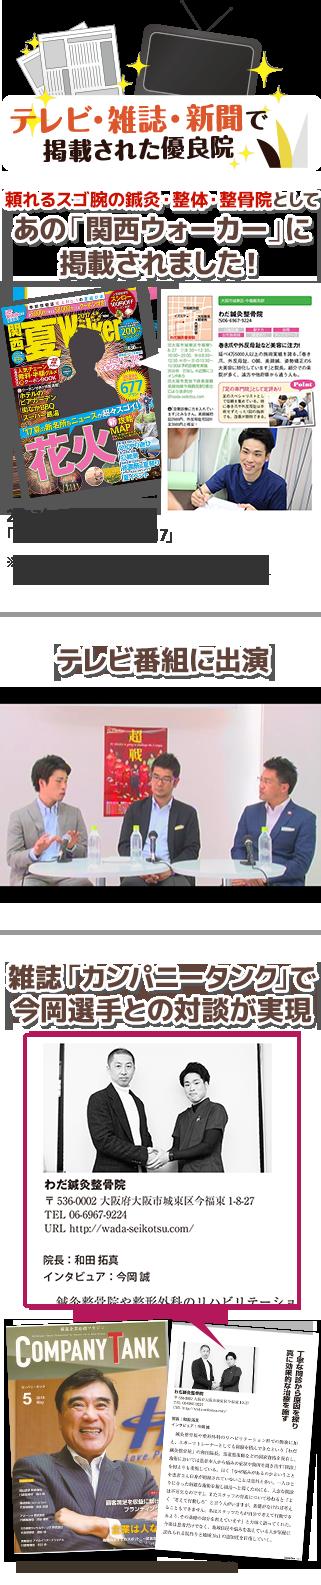 メディア掲載(テレビ新聞雑誌)